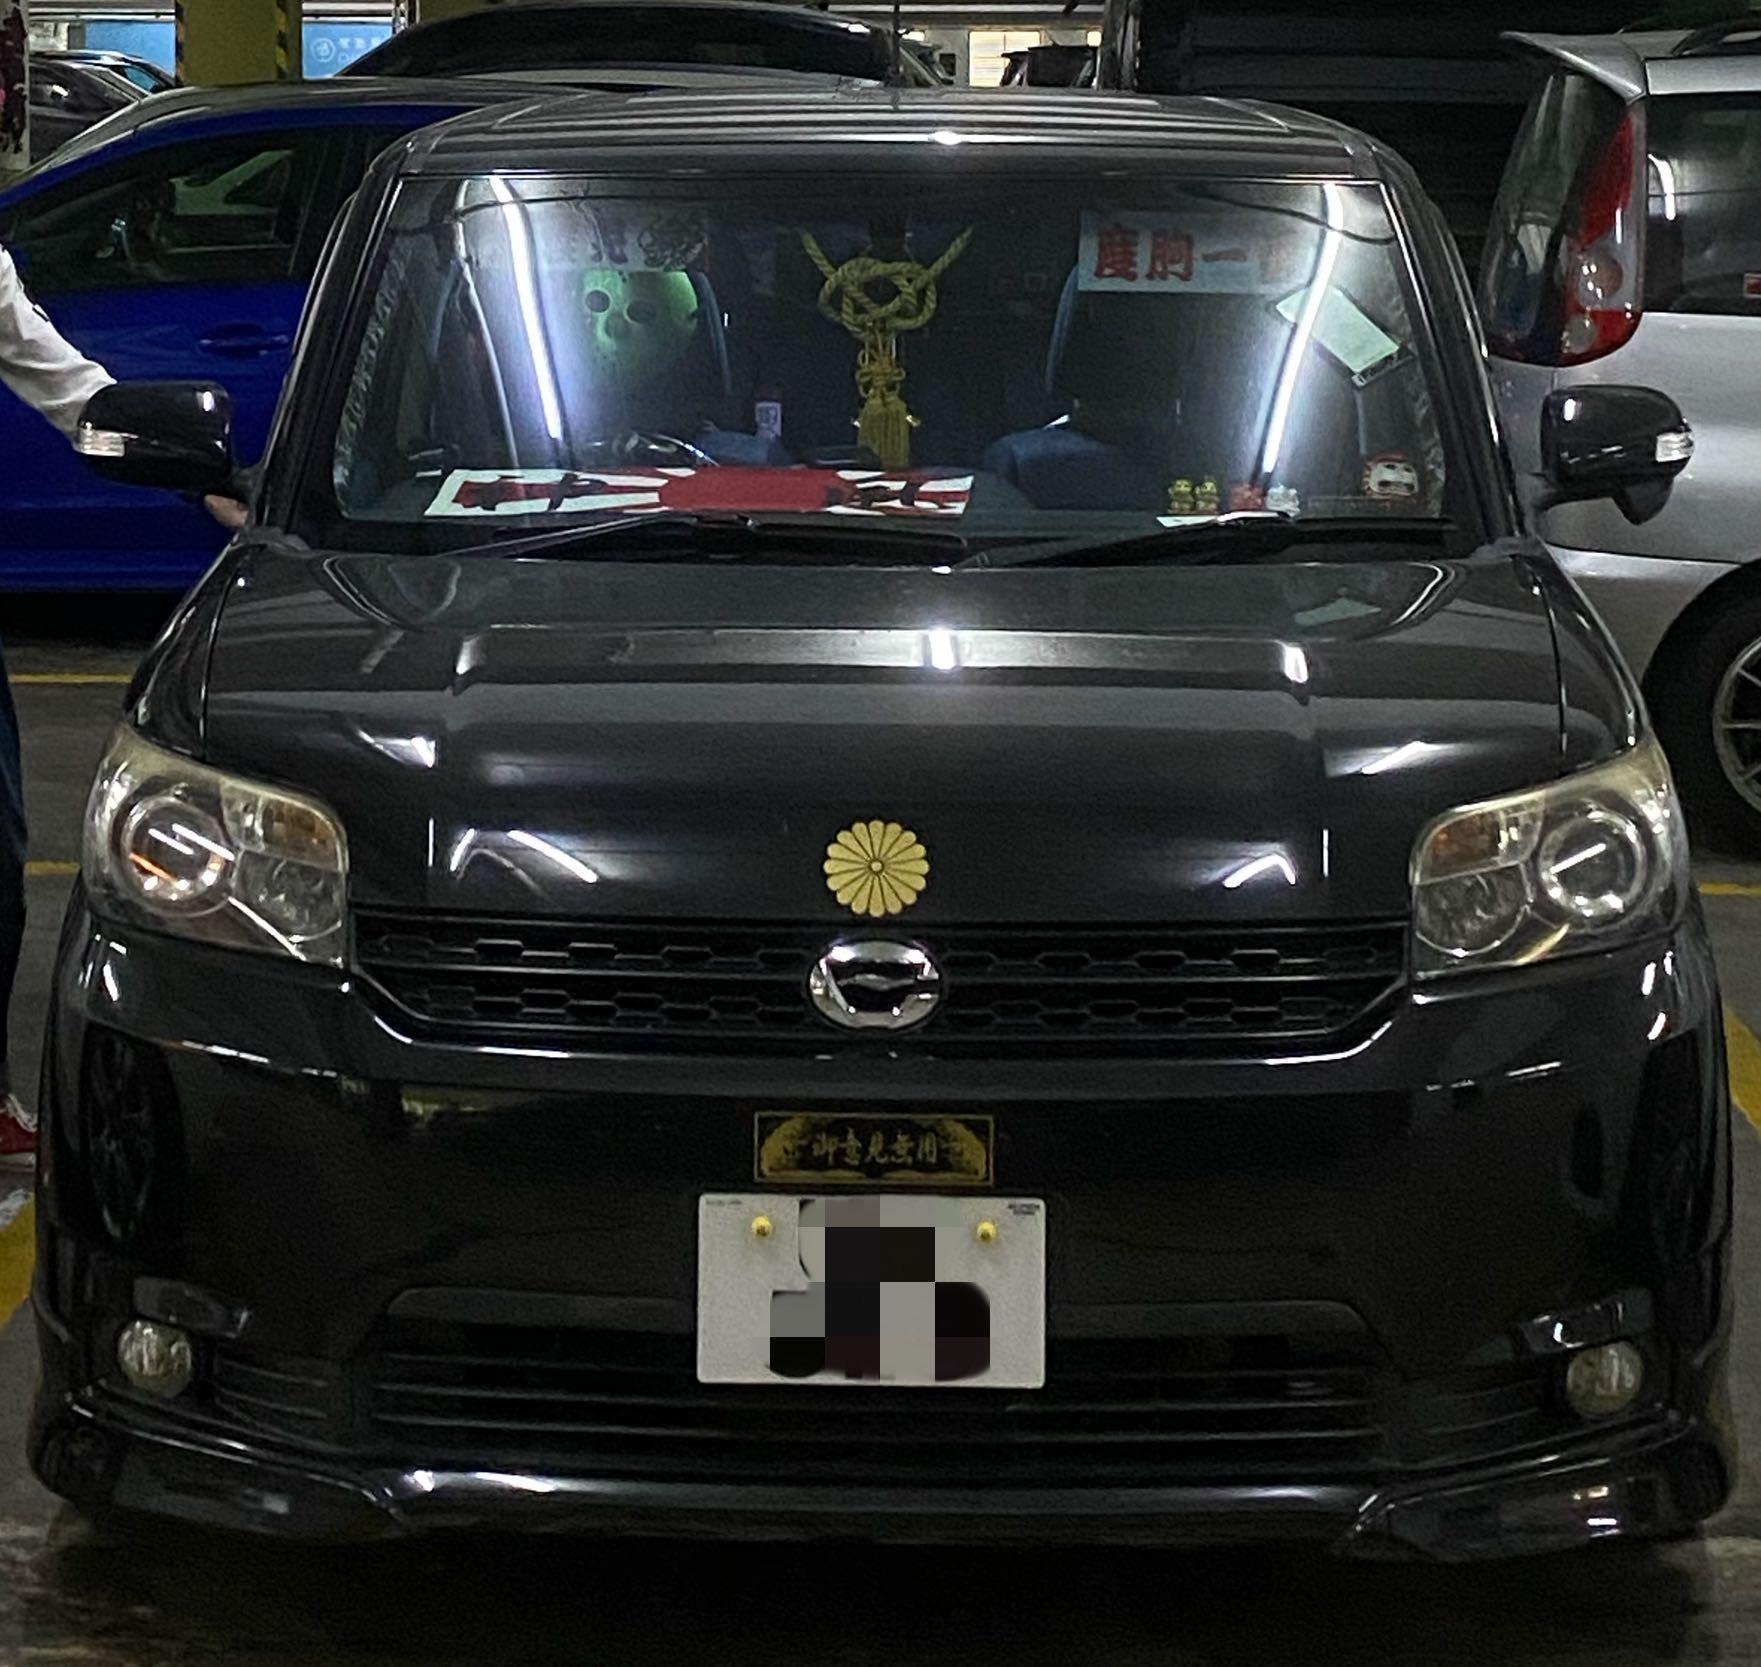 Toyota Corolla Rumion 1.8 S Aero Tourer Auto